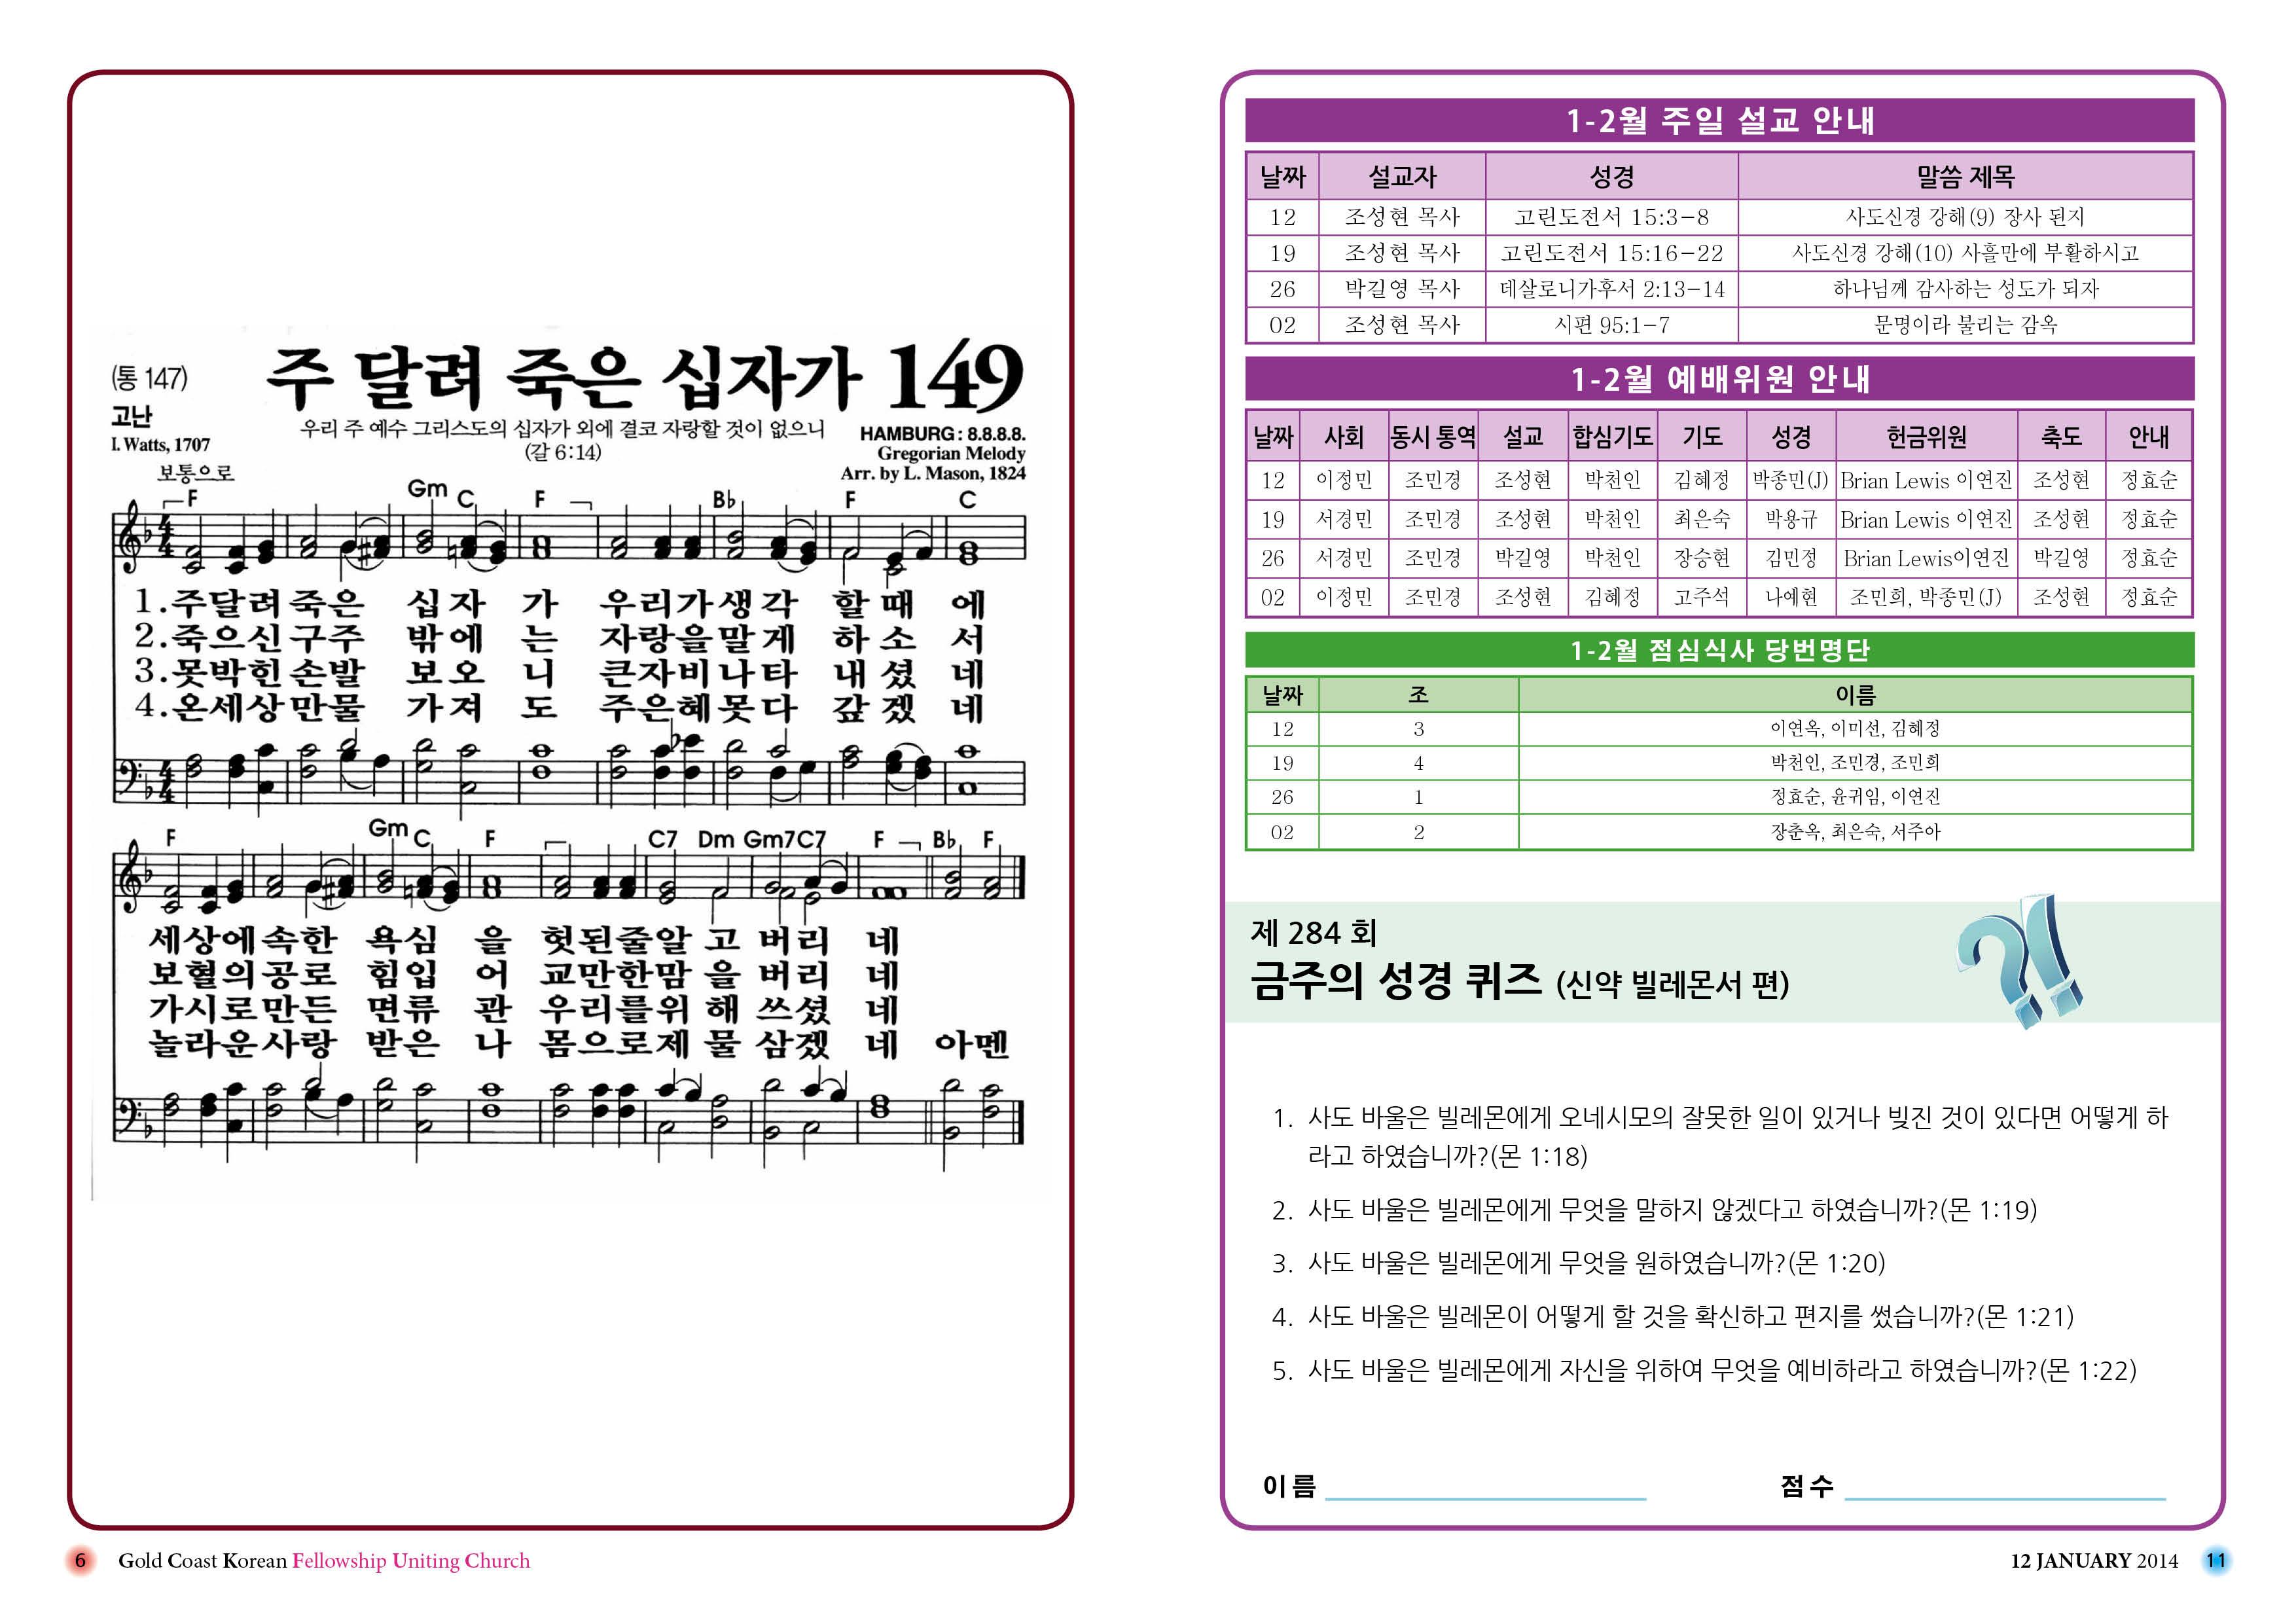 2014.01.12 주보 프린트(2차 수정)6.jpg